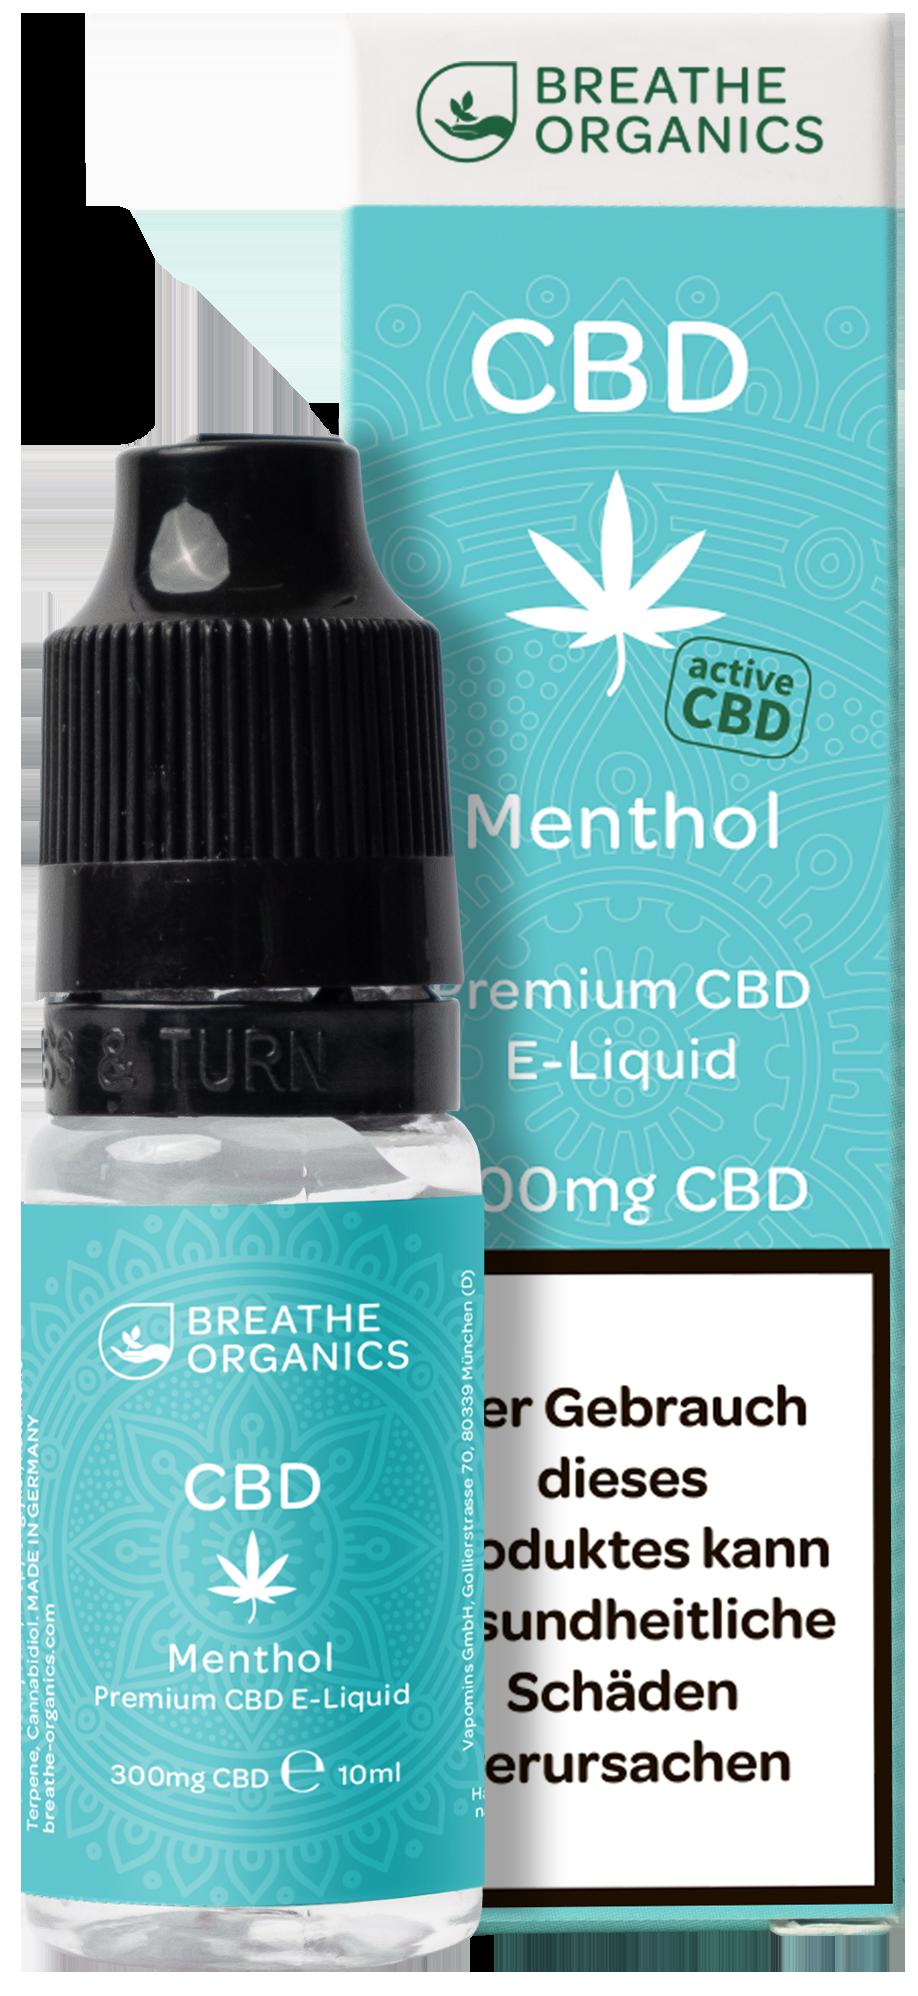 Breathe Organics activeCBD Liquid Menthol 300mg